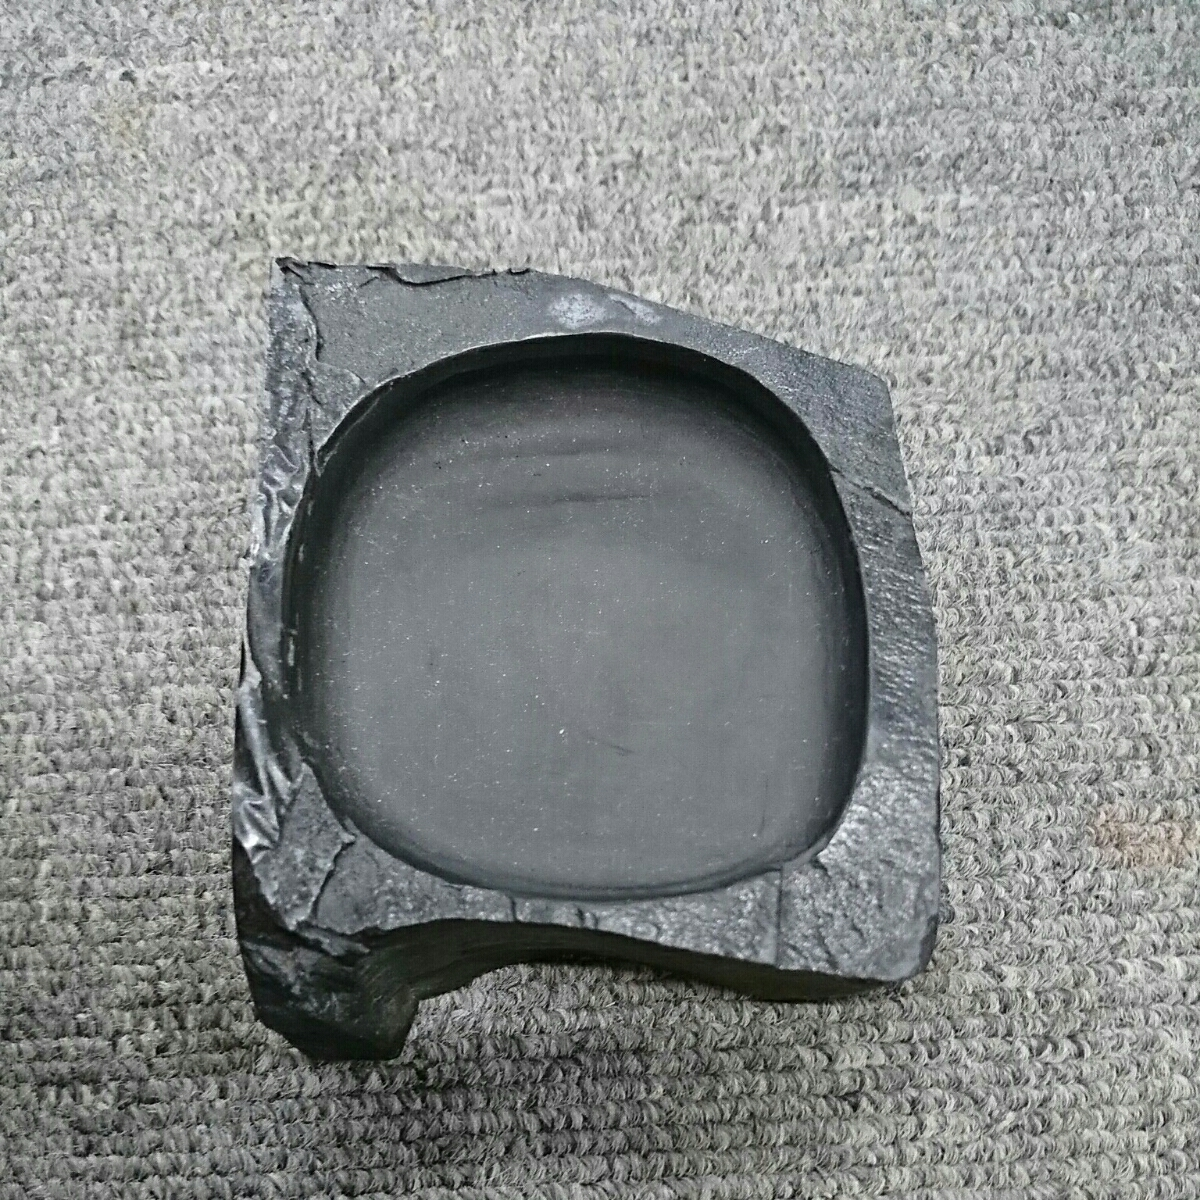 龍渓硯 中古 硯 スズリ 書道具 小型 和風堂崎監製_画像5